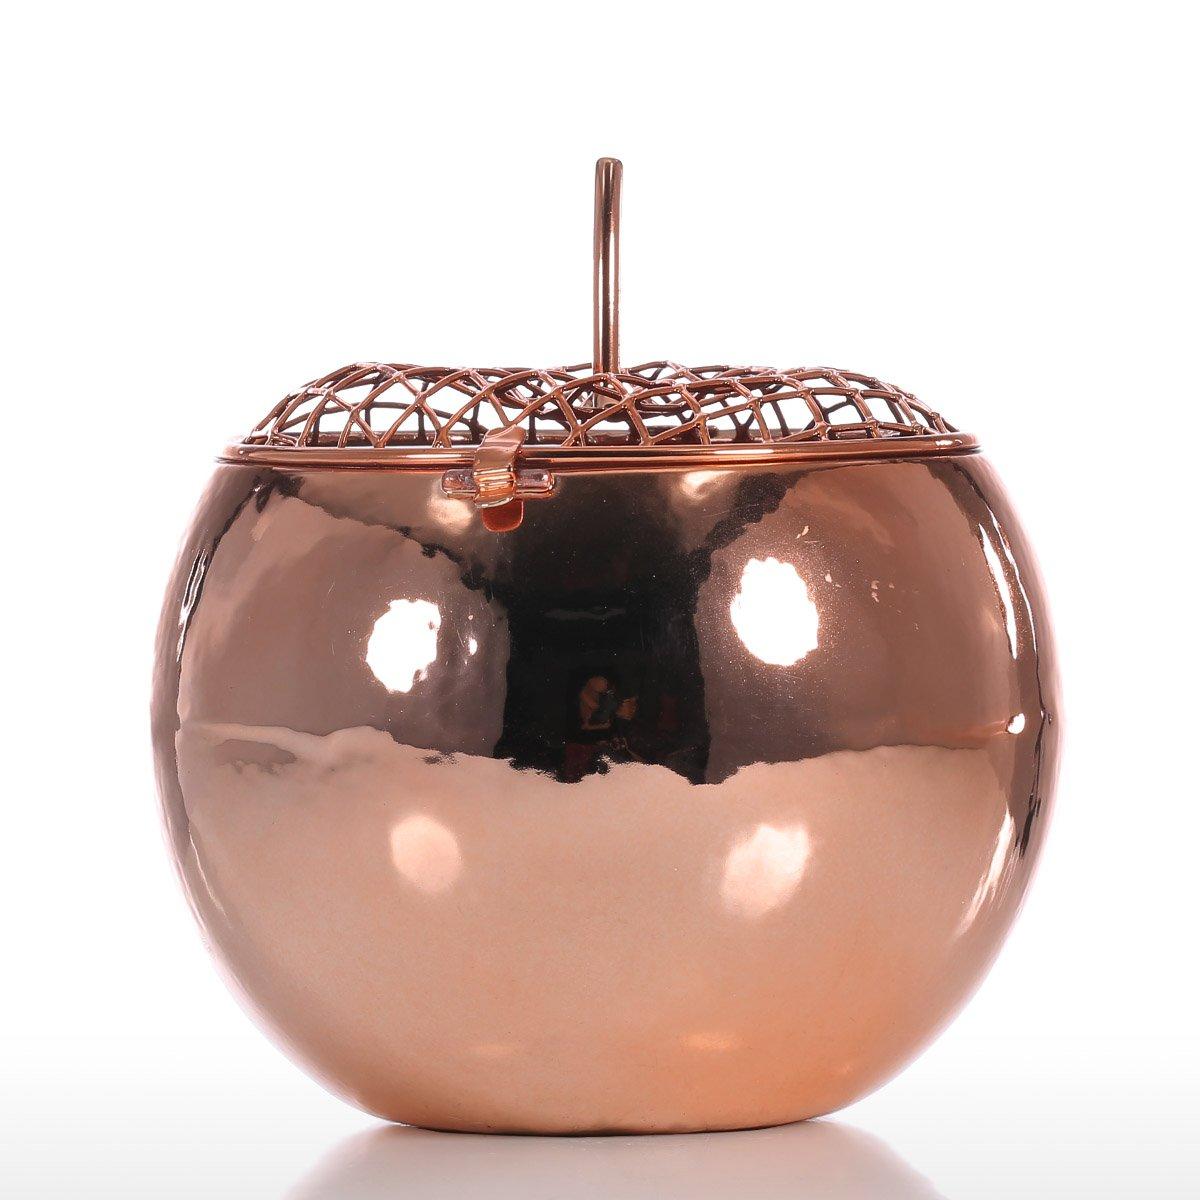 Tooarts Pomme Tirelire en M/étal Sculpture en M/étal Money Bank Tirelire Cadeau Tirelire Ornement D/écoratif Bo/îte de Rangement Mini